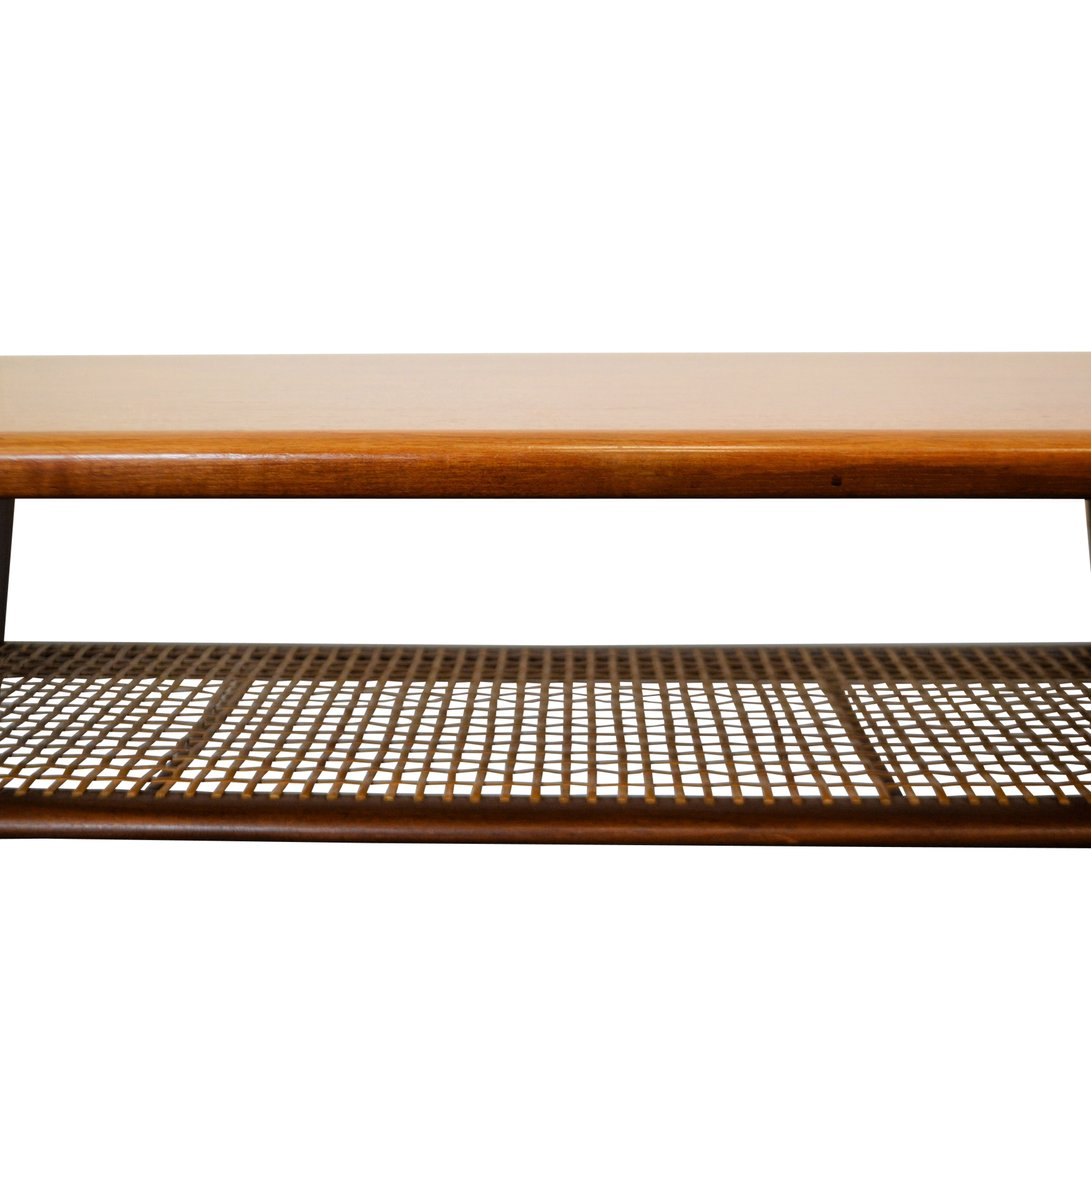 Danish Mid Century Teak Coffee Table 1 Small: Mid-Century Modern Danish Teak Coffee Table, 1950s For